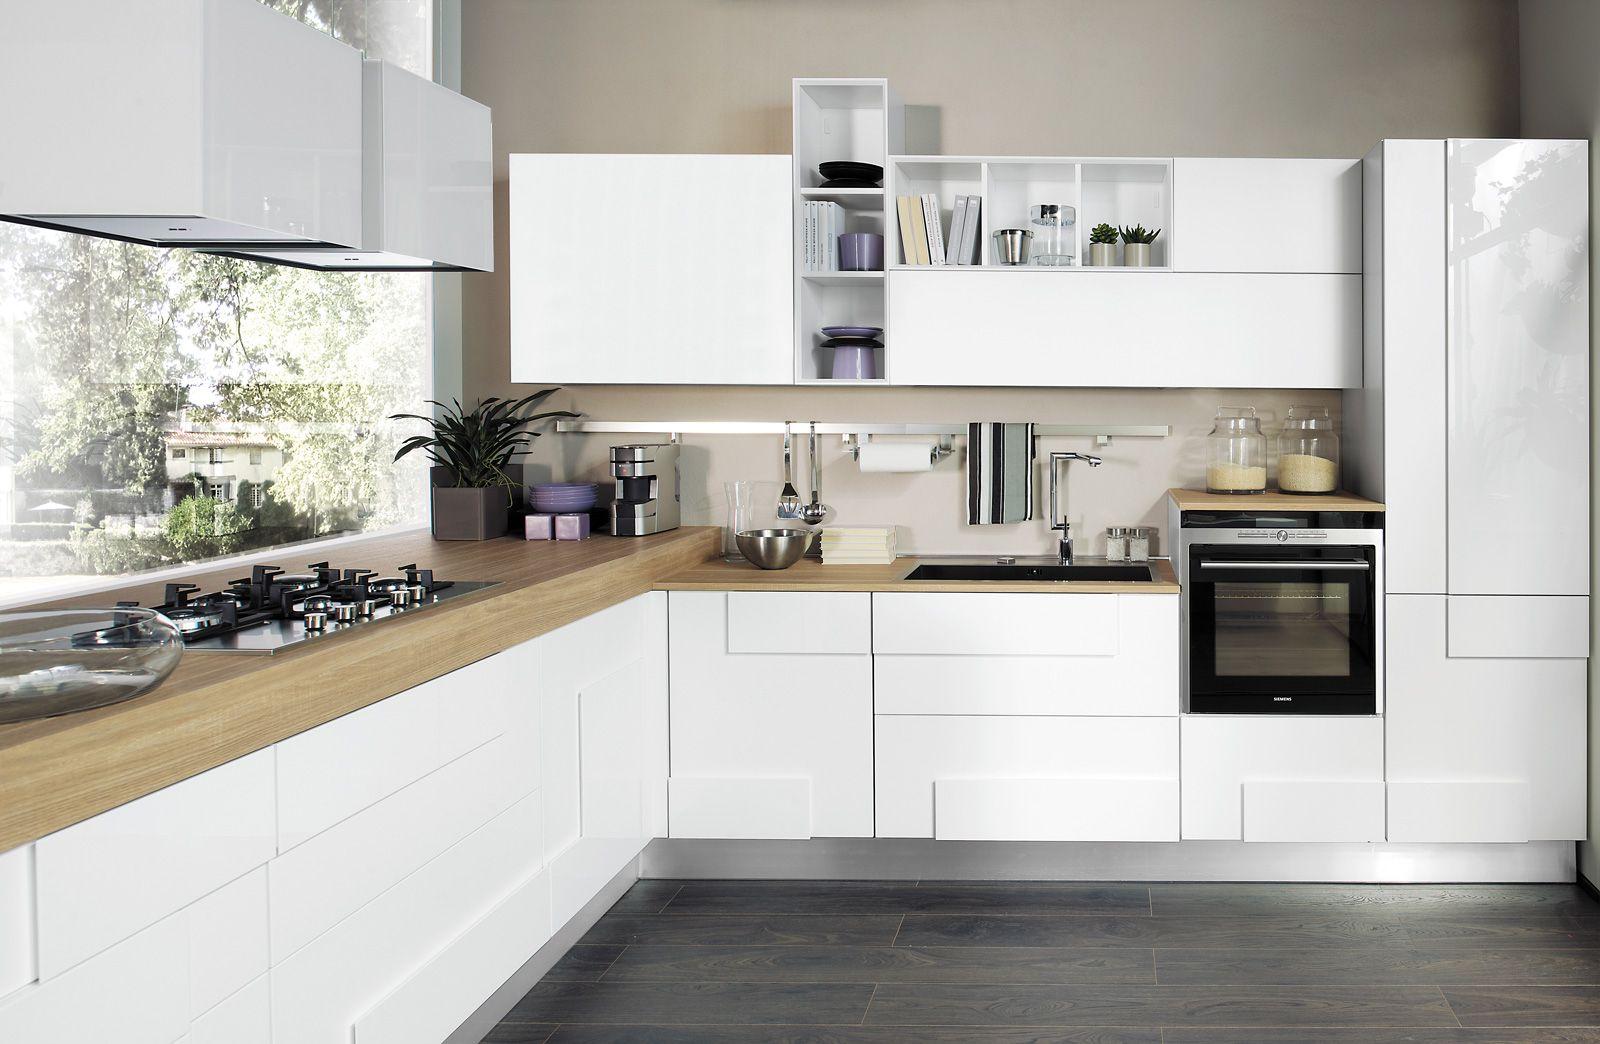 Cucine Lube Ad Angolo I Suggerimenti Per Arredare Lube Store Milano  #7C6C4F 1600 1044 Foto Di Cucine Componibili